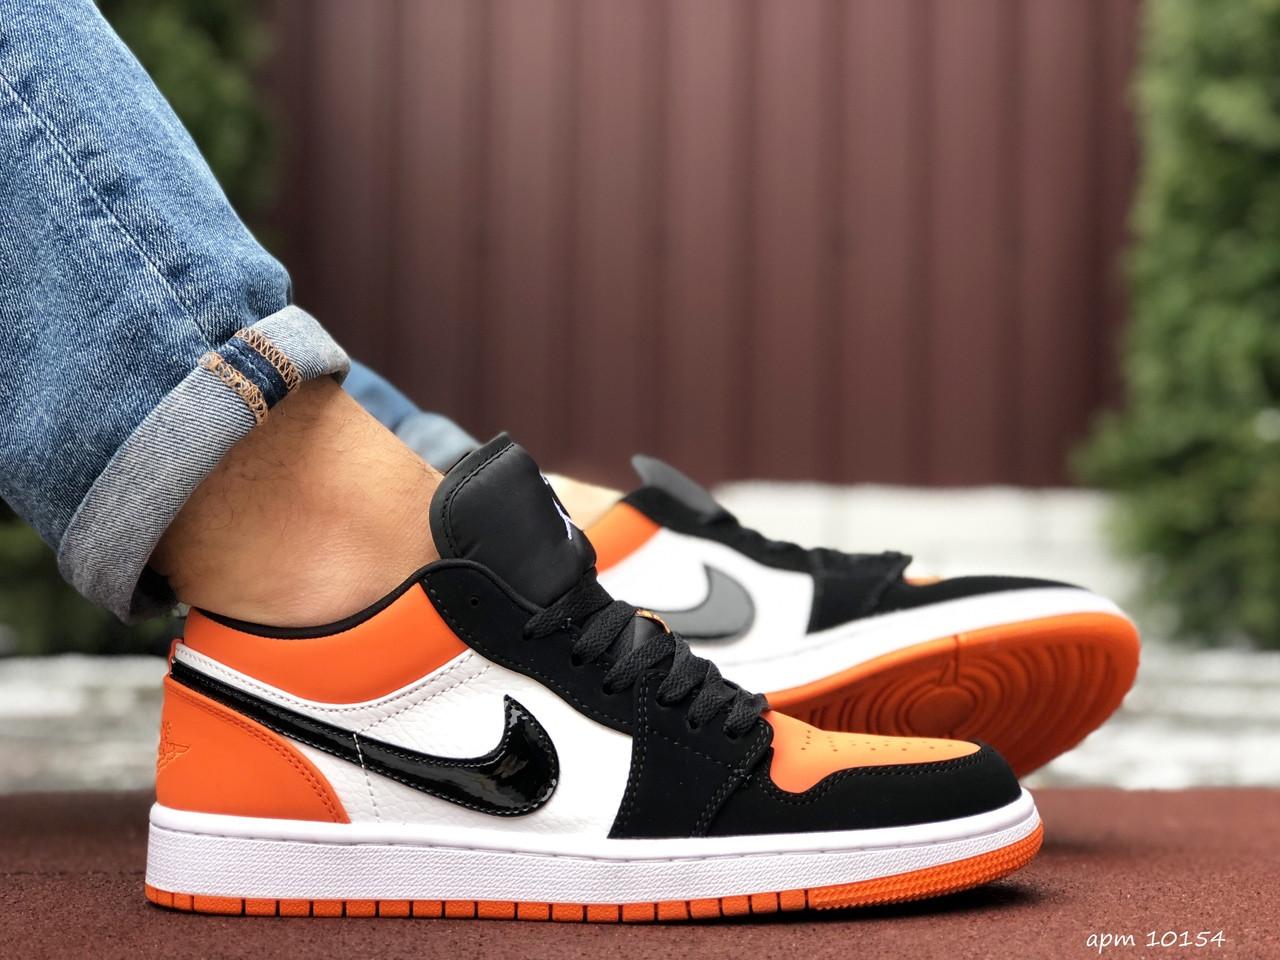 Мужские кожаные кроссовки Nike Air Jordan 1 Low (бело-оранжевые) 10154 баскетбольная обувь